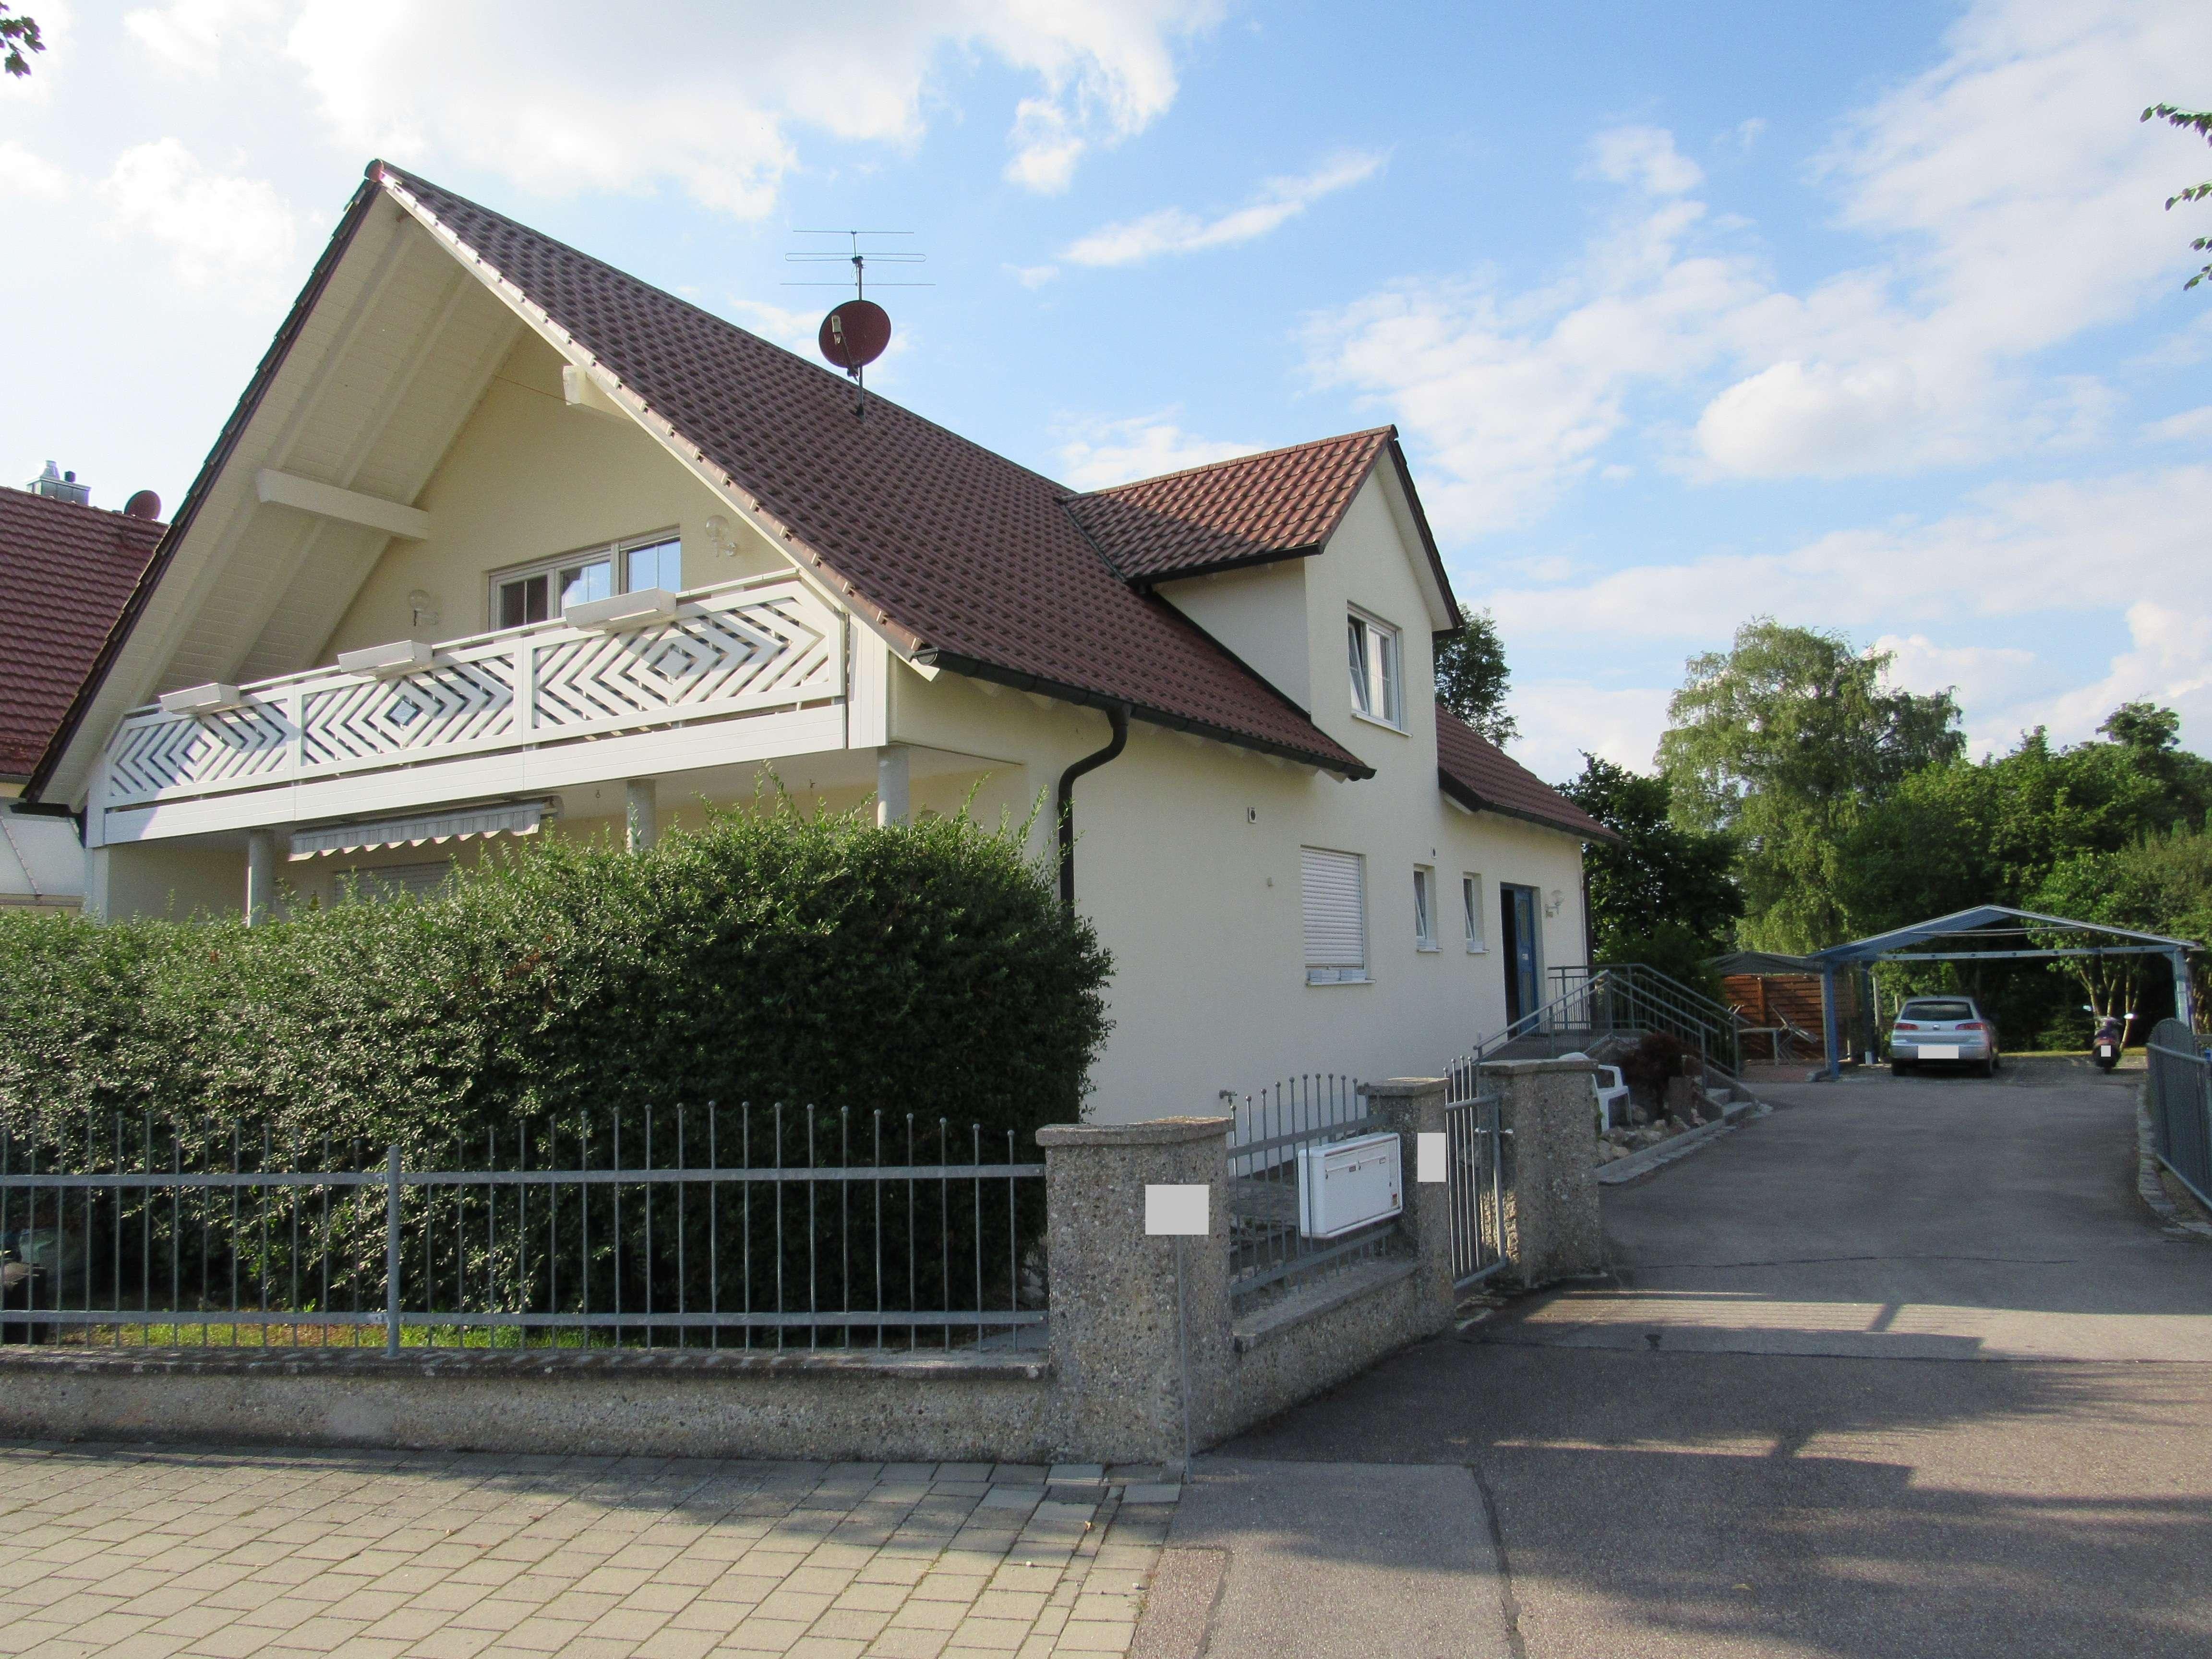 EG-Wohnung mit eigenem Garten in Karlskron - barrierefrei - in